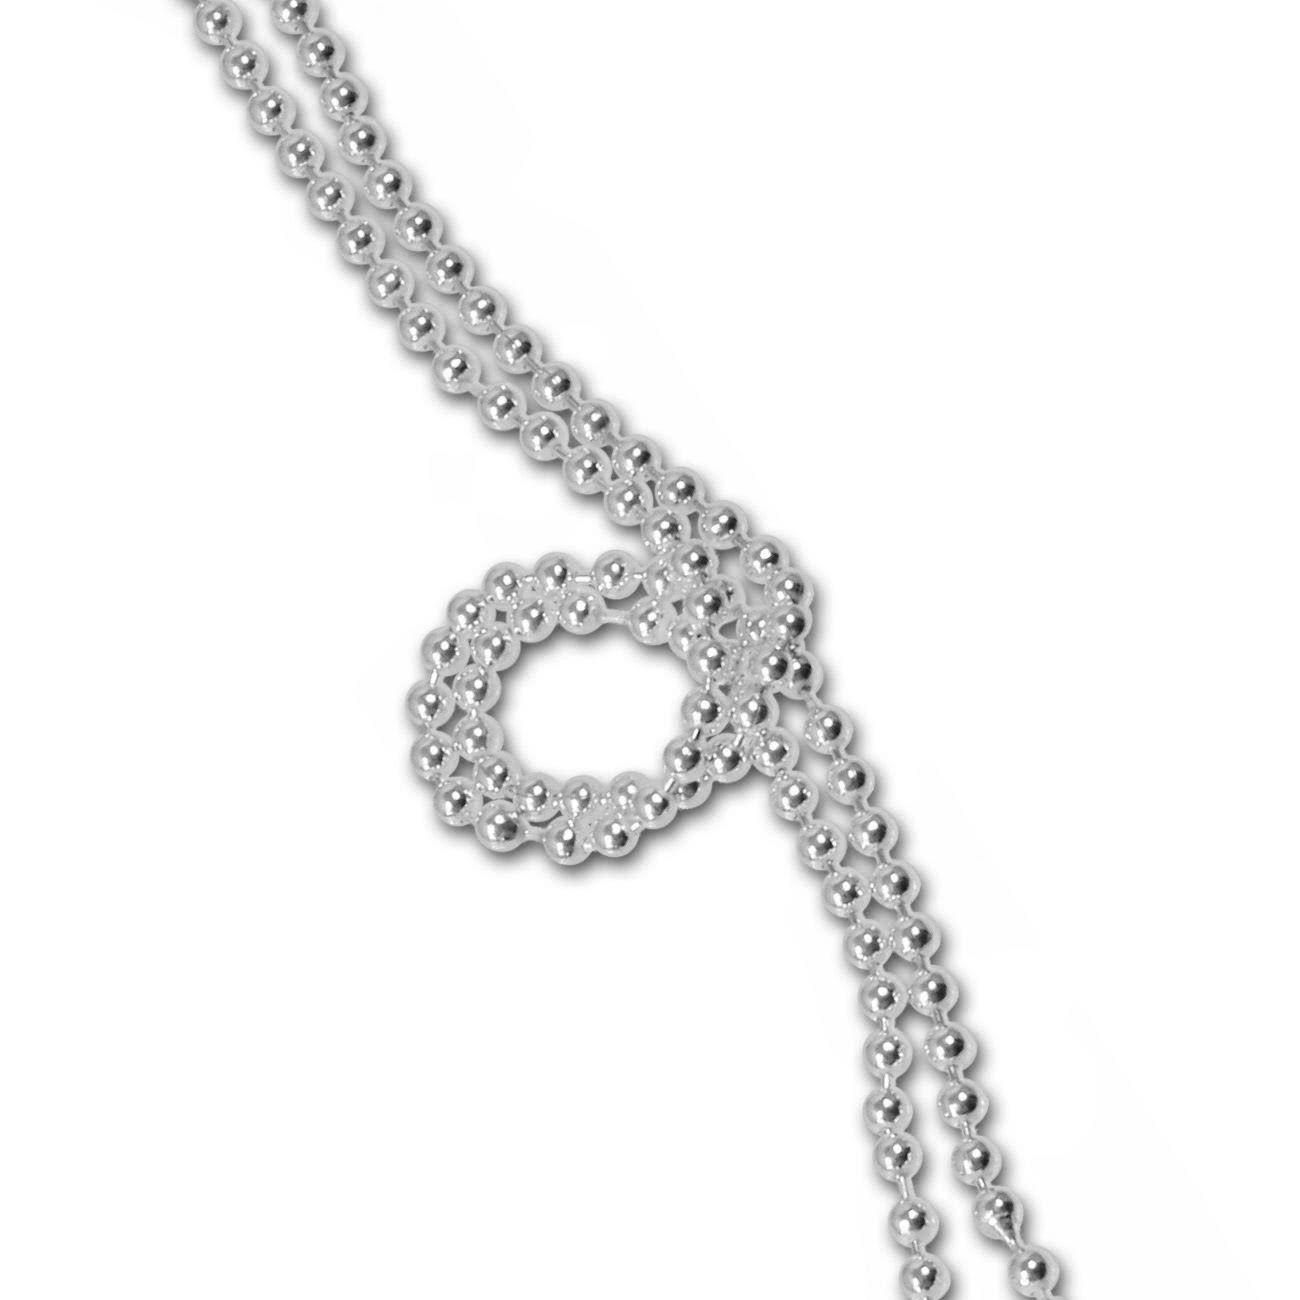 SilberDream 925 Sterling Silber Kette 40cm SDK00640